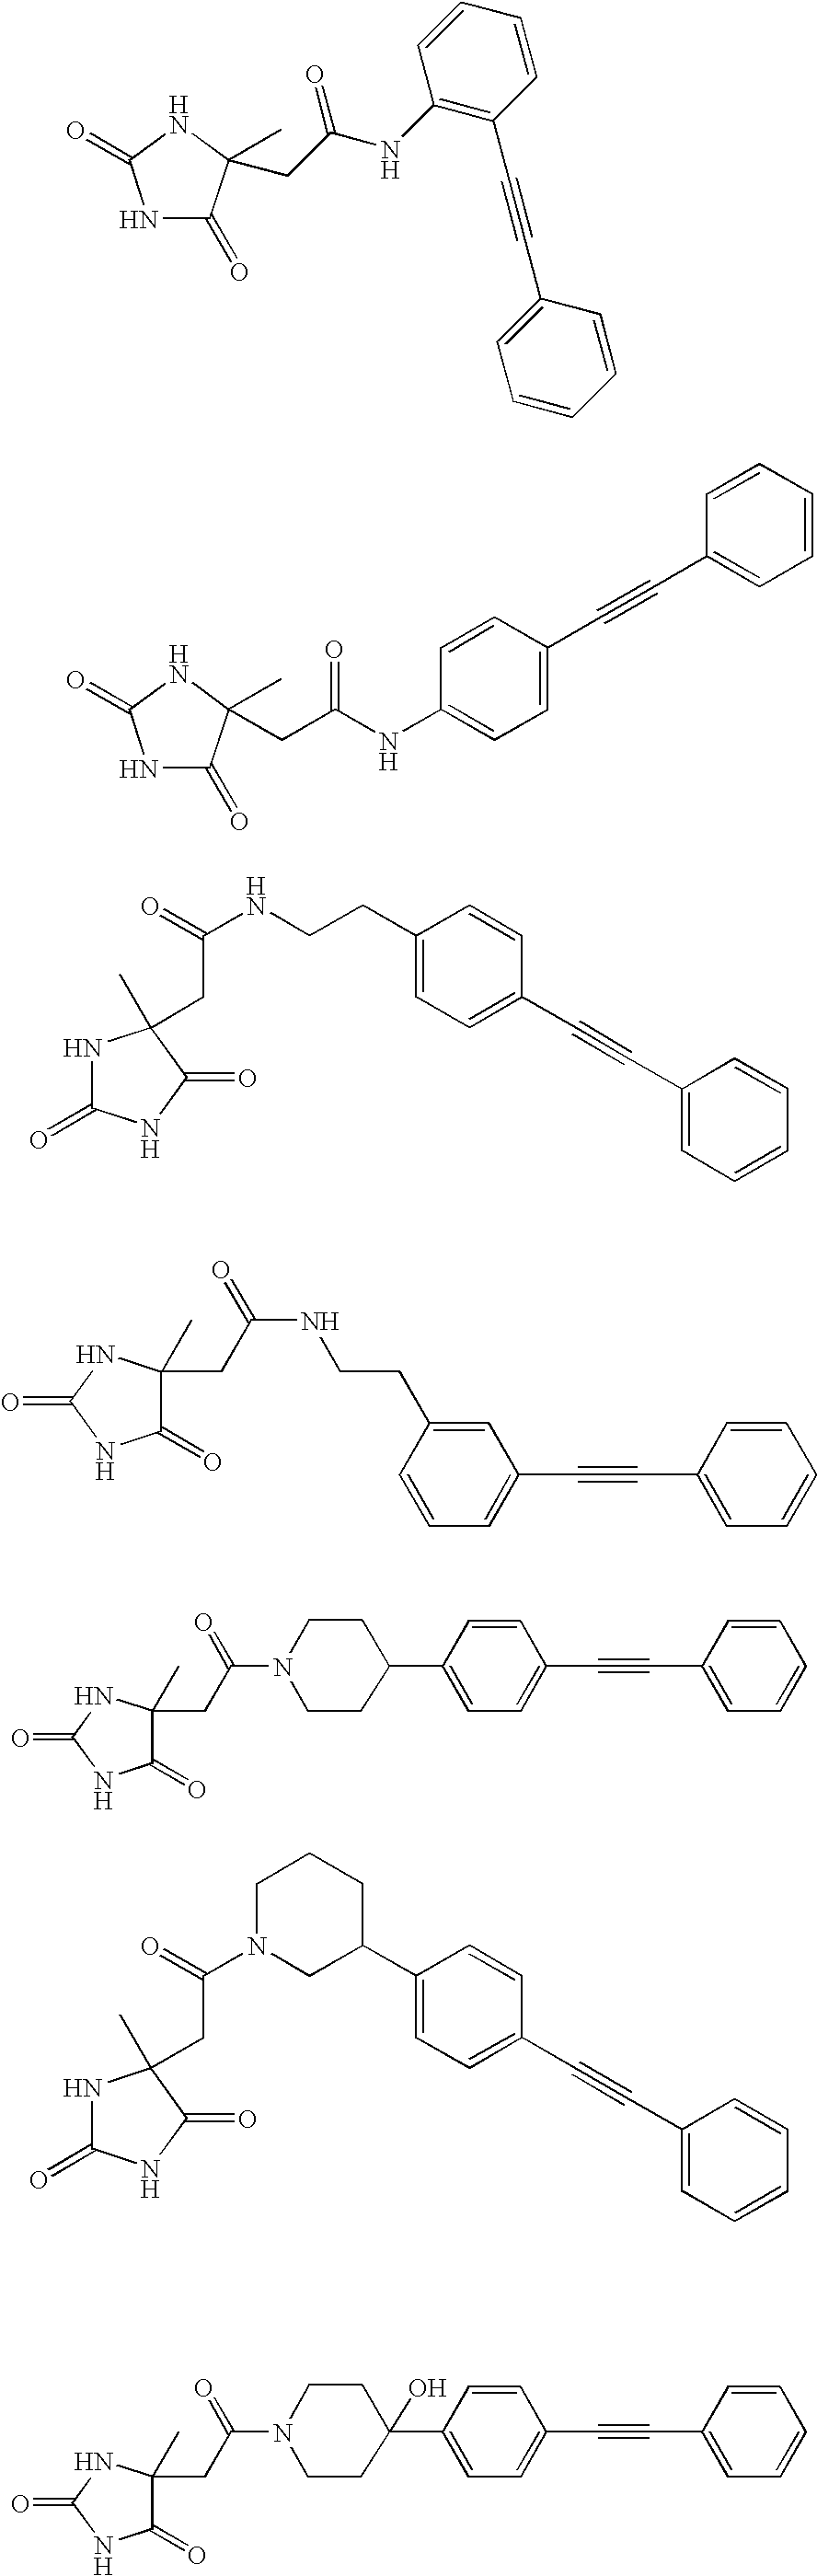 Figure US07998961-20110816-C00003